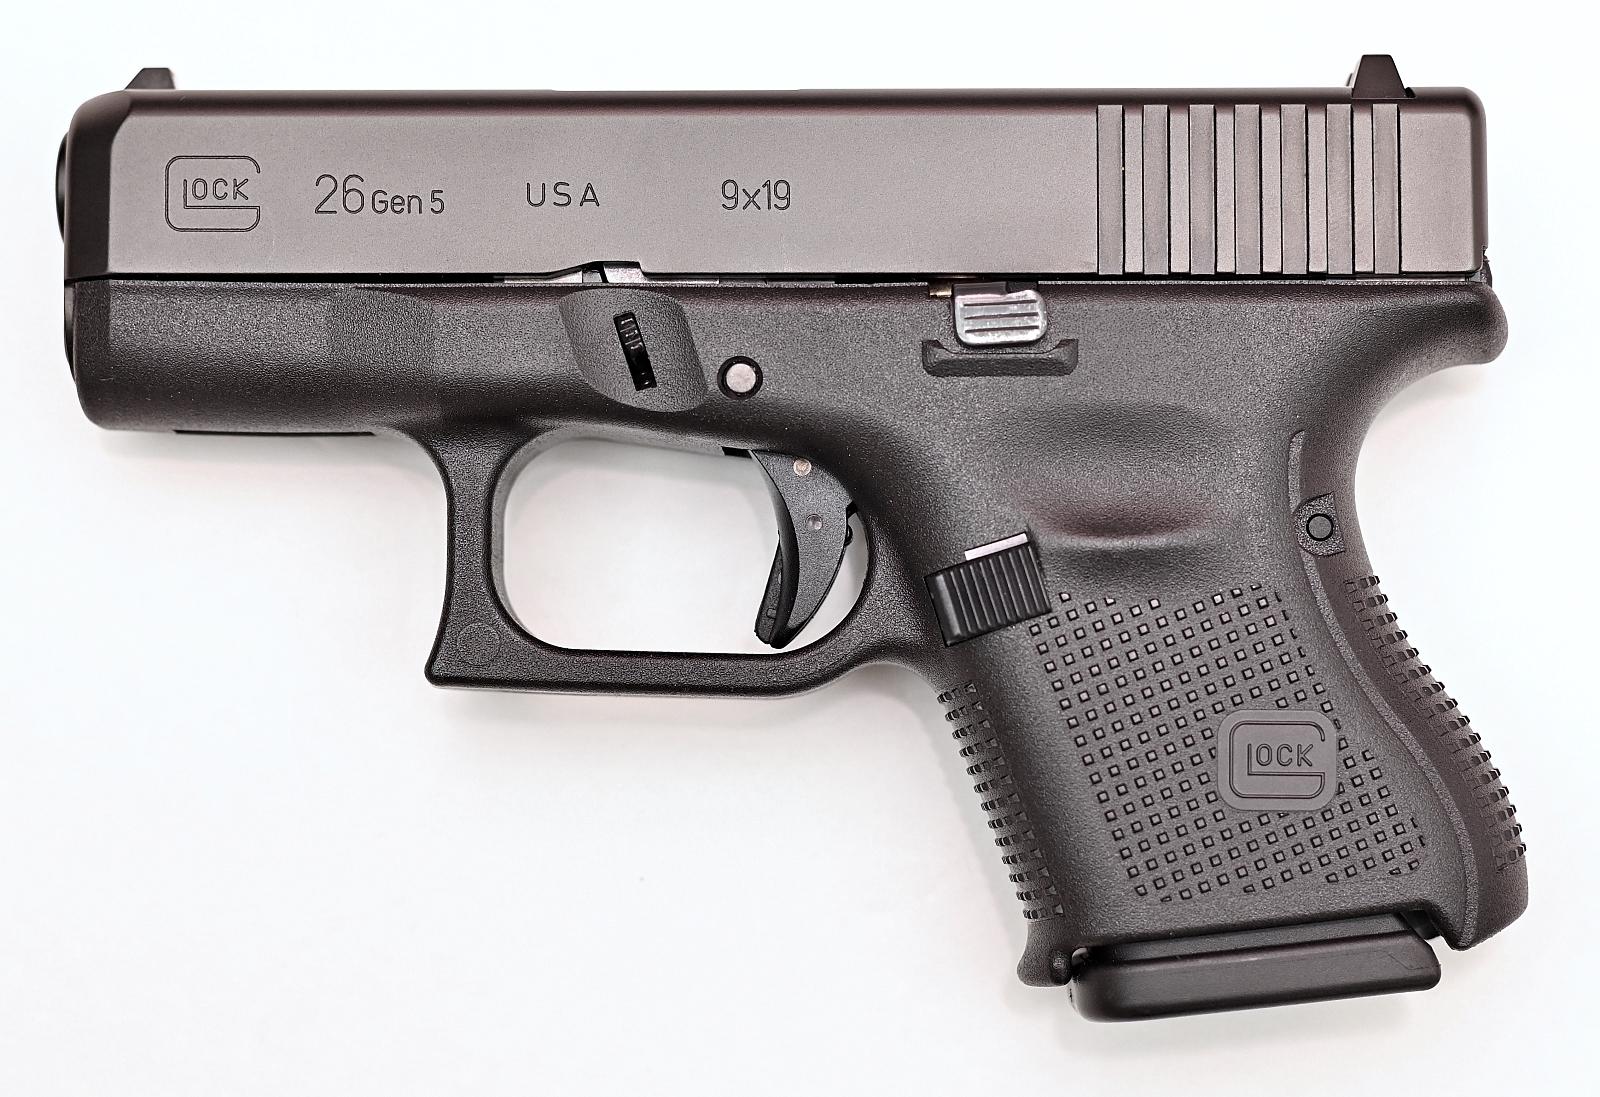 Glock26Gen5.JPG